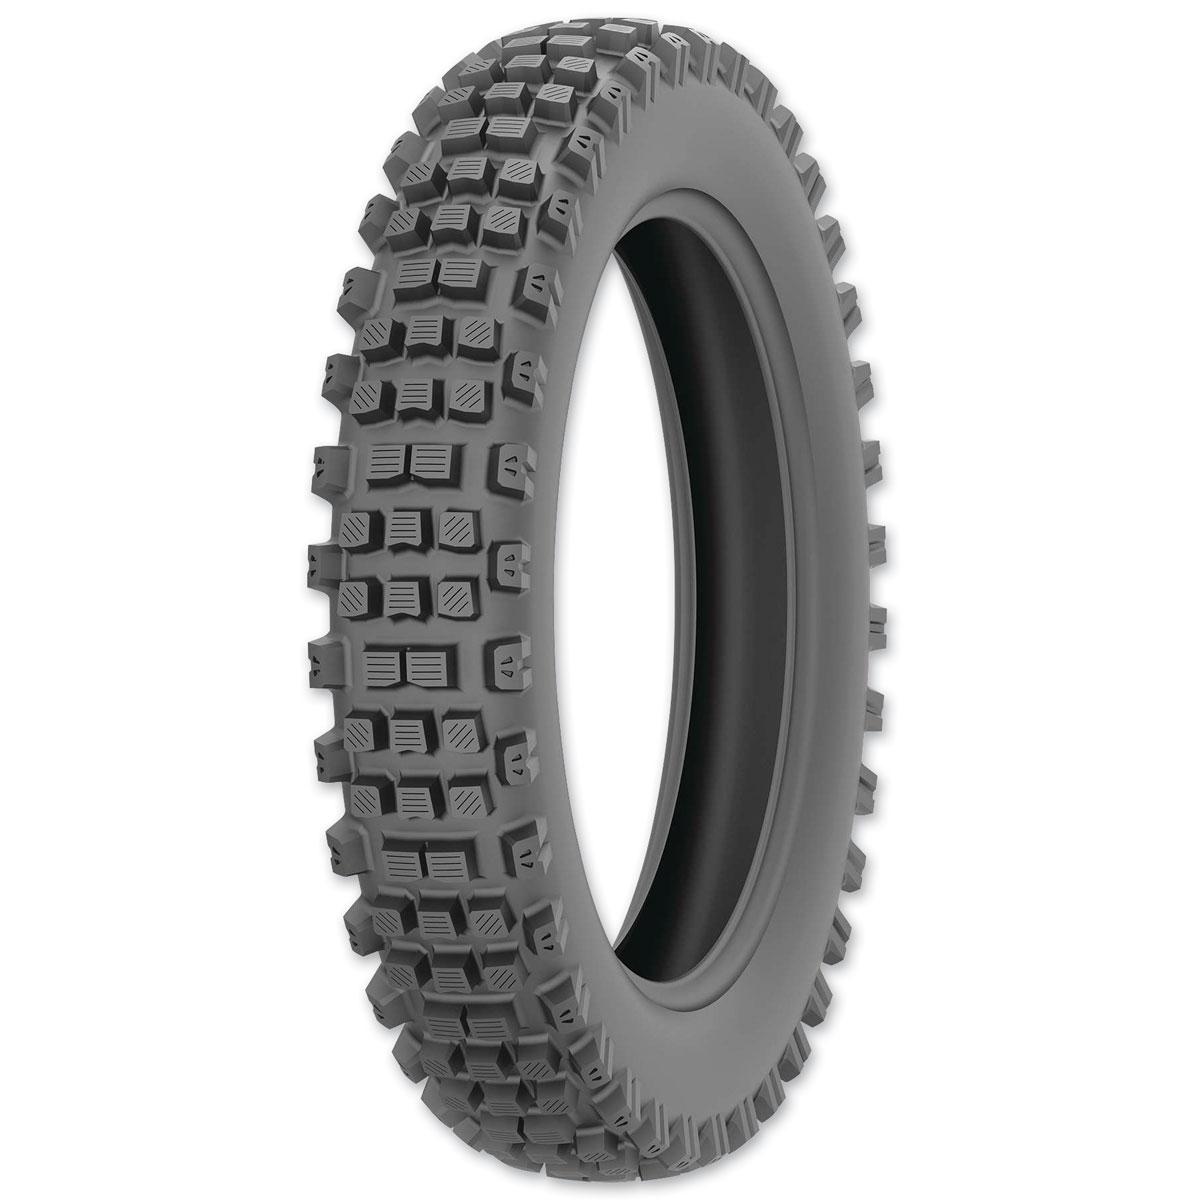 Kenda Tires K787 Equilibrium 4.50-18 Rear Tire